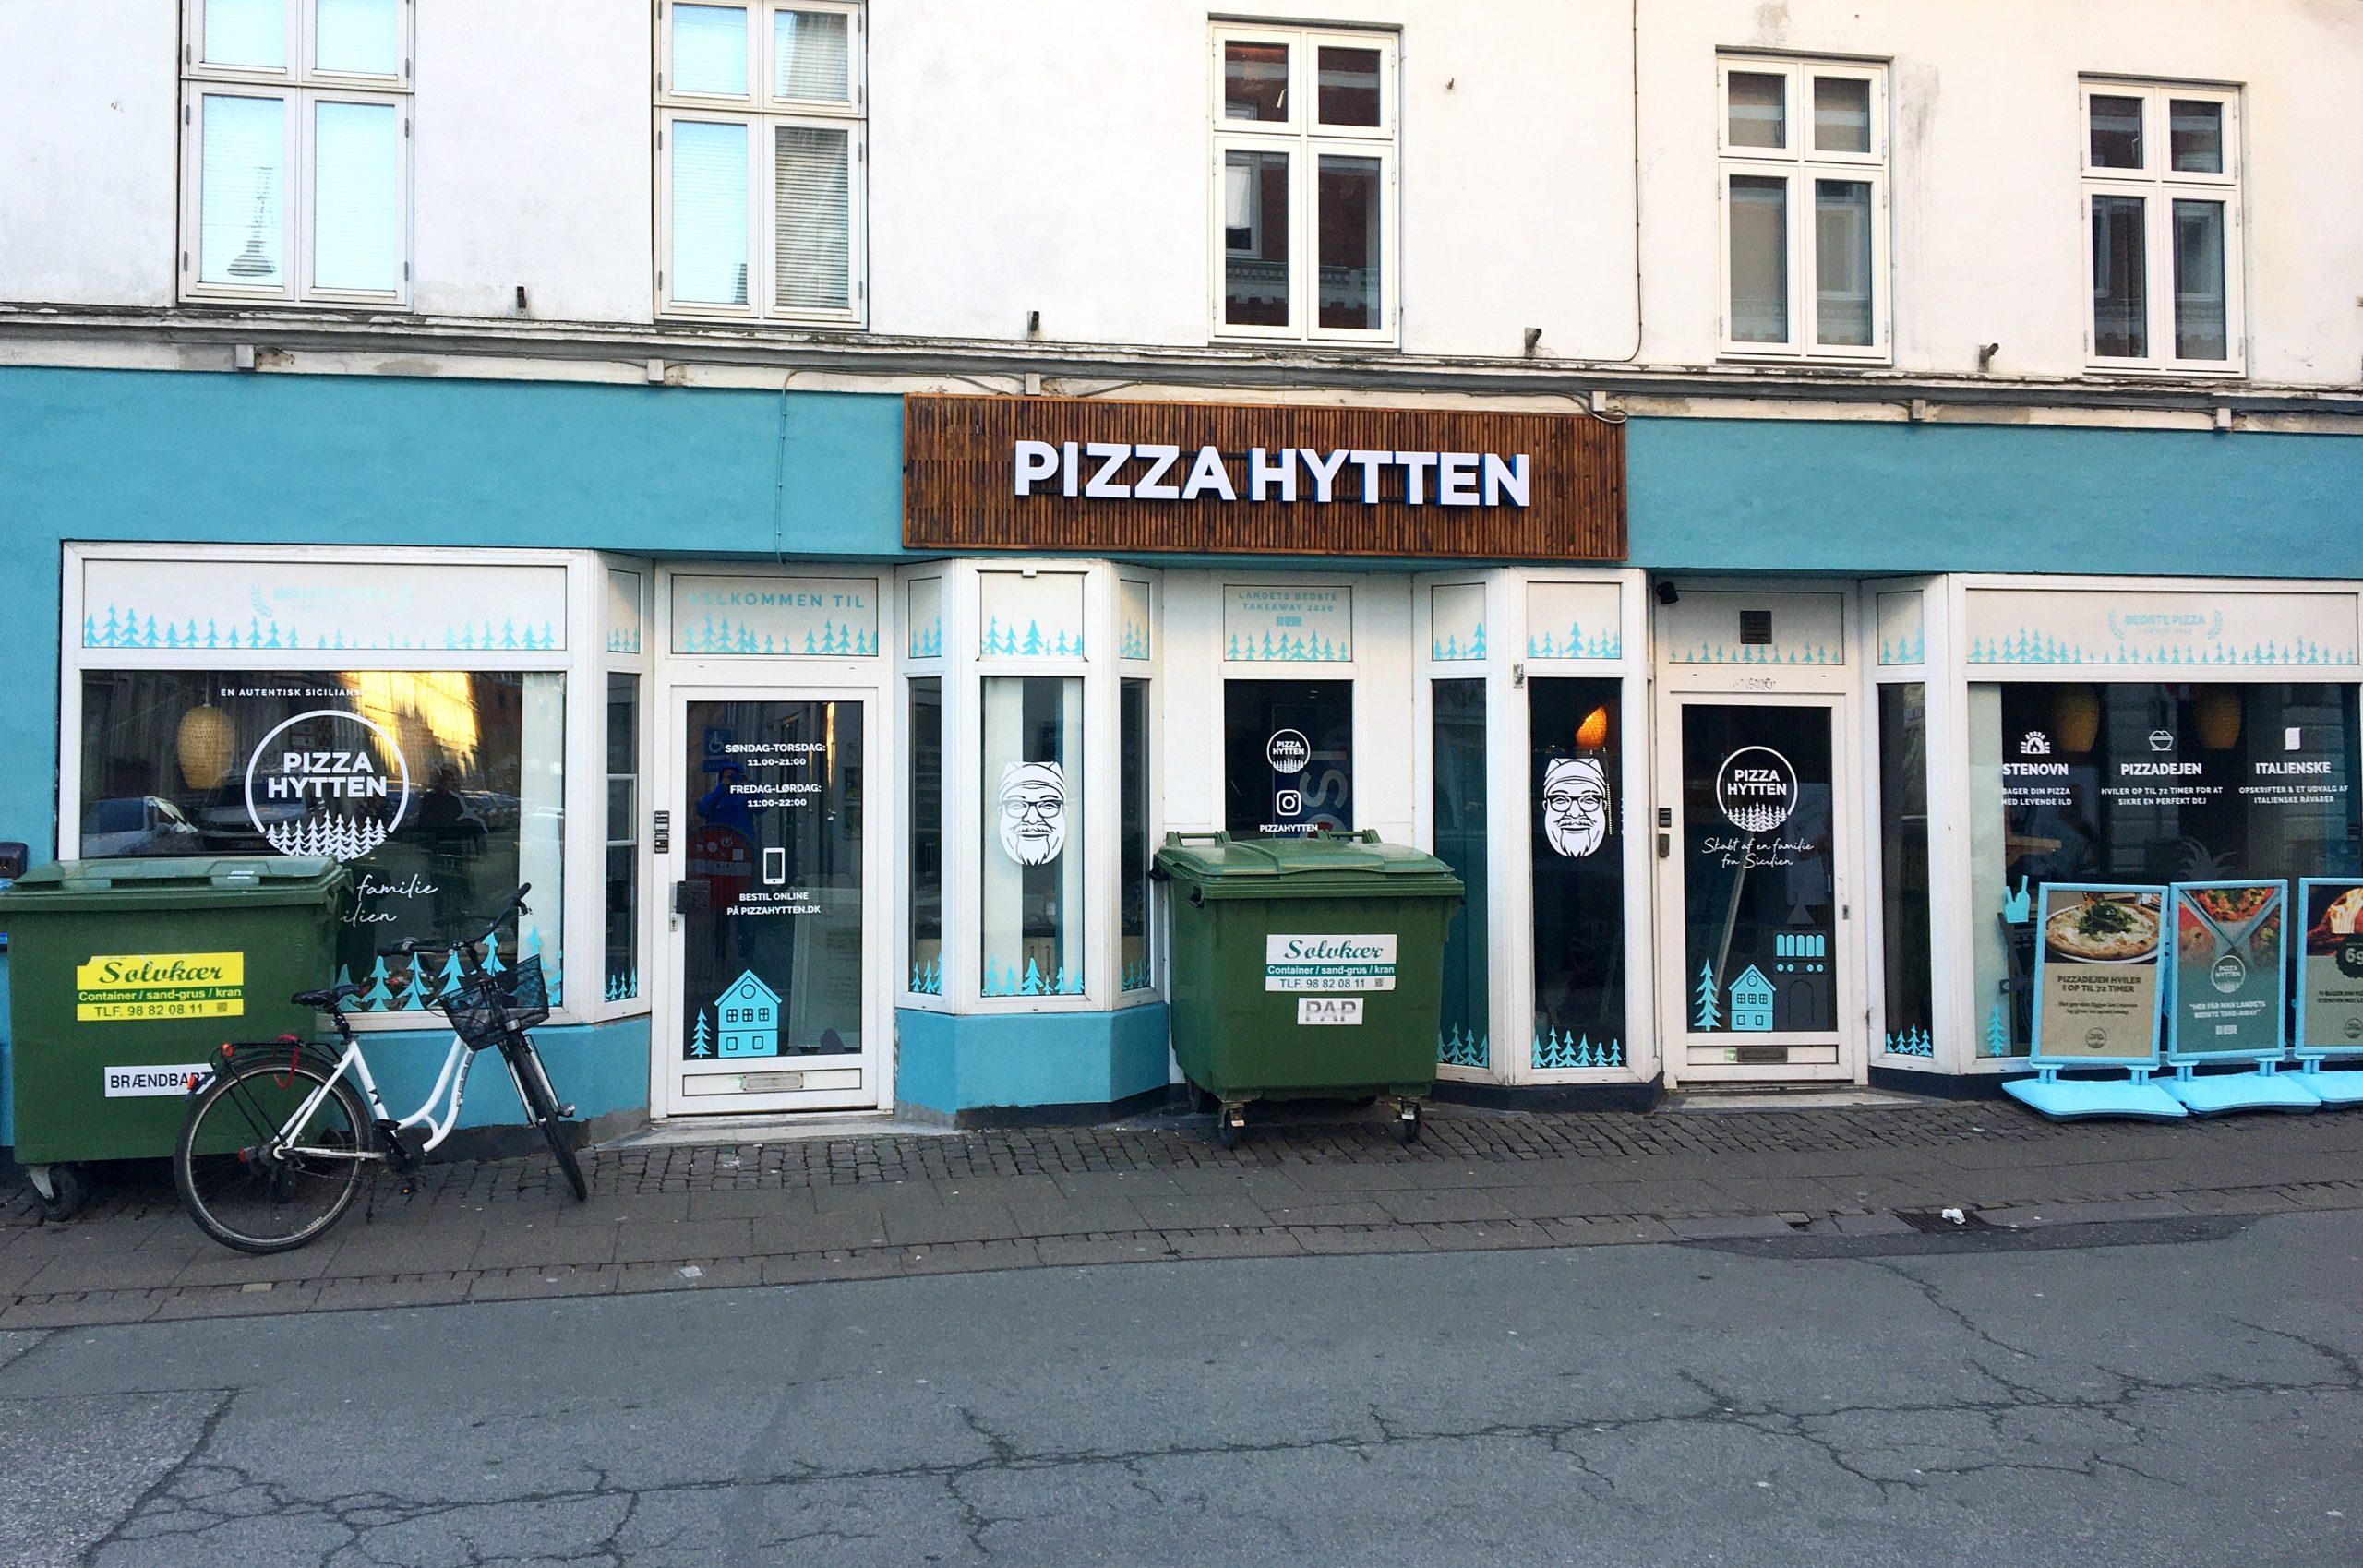 Pizza Hytten fylder et år: Fejrer fødselsdag med særlig donation til udsatte børn